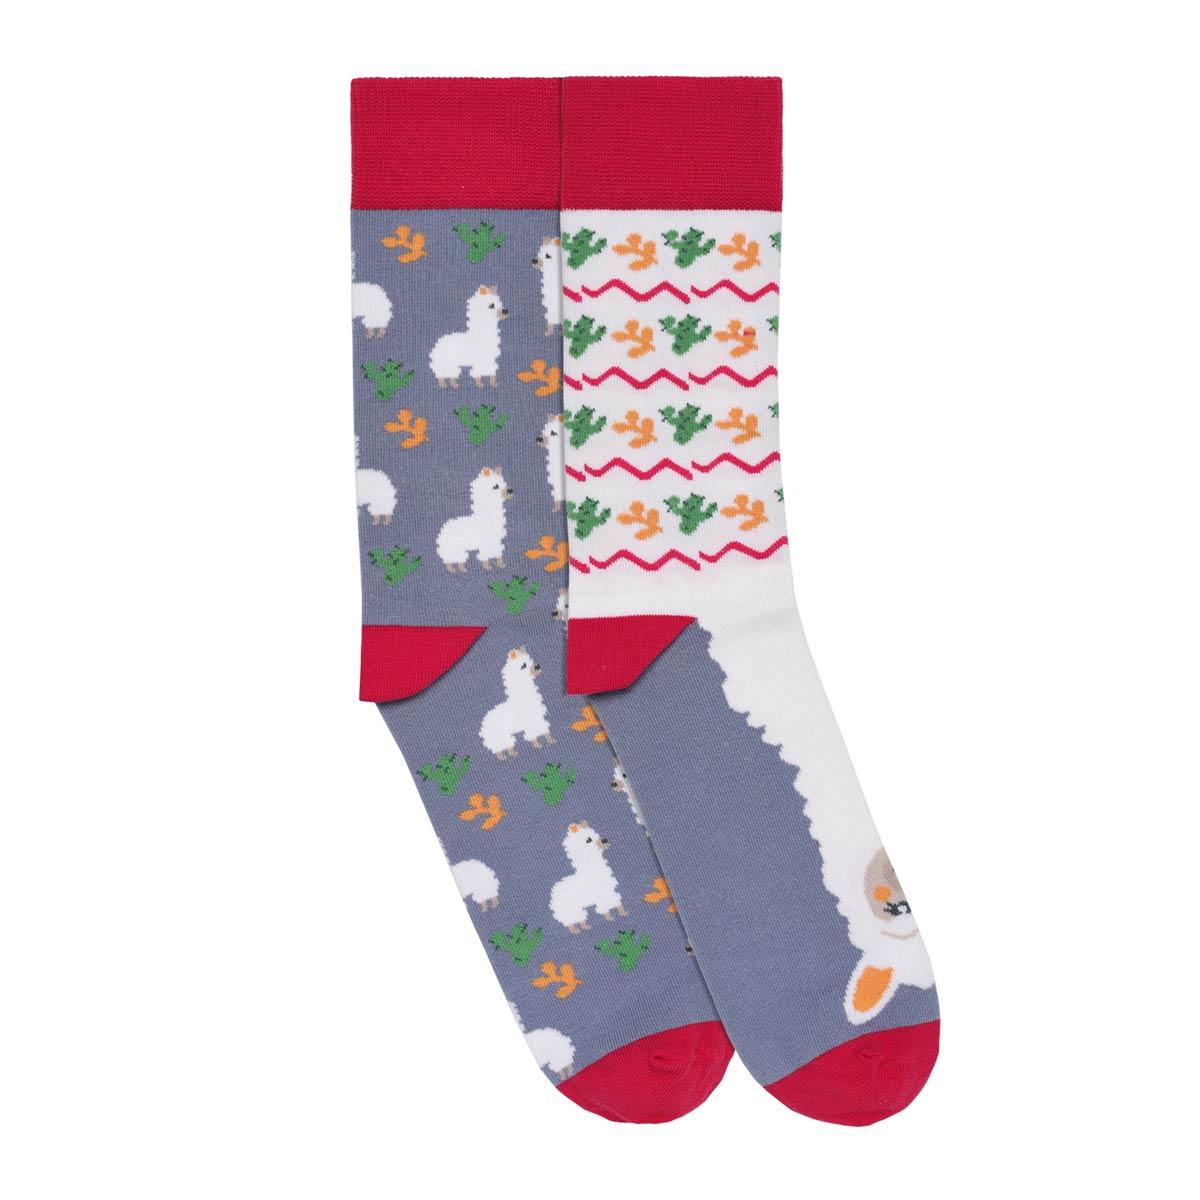 CH-00742-A12-chaussettes-homme-fantaisie-rouge-lama